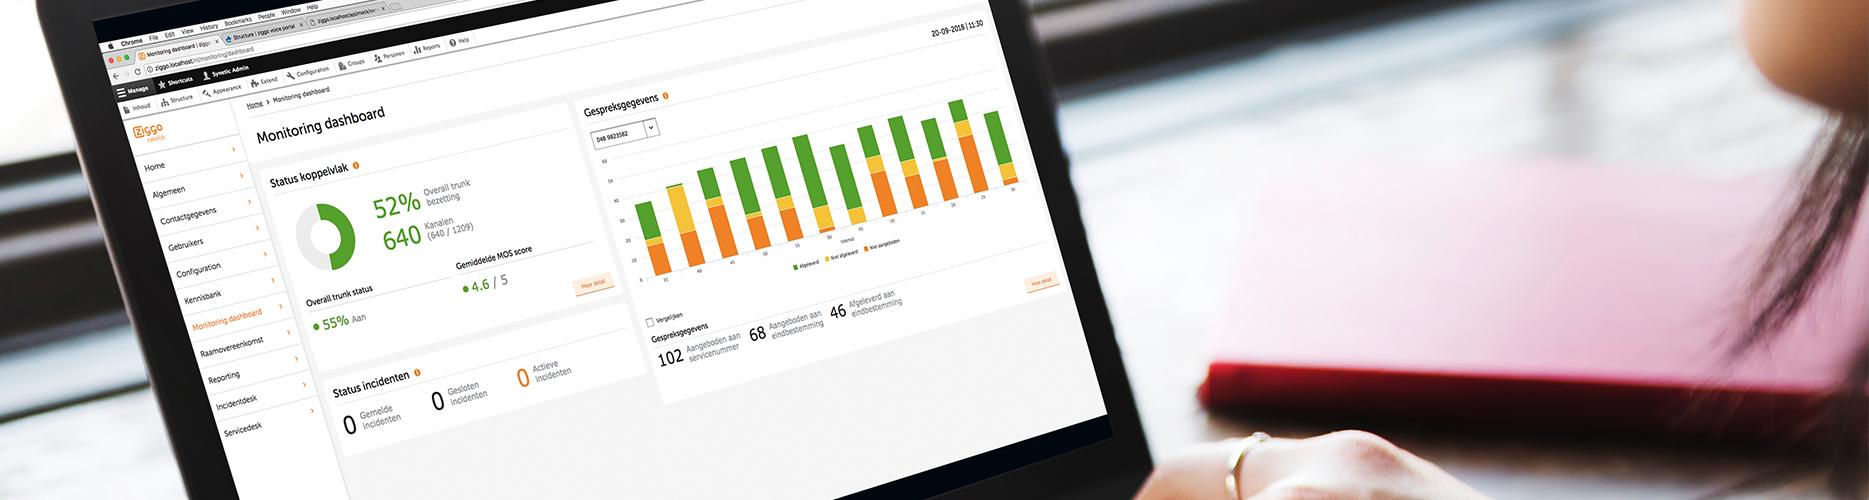 Een afbeelding van een laptop met een voorbeeld van een dashboard van ziggo met een diagram en een grafiek